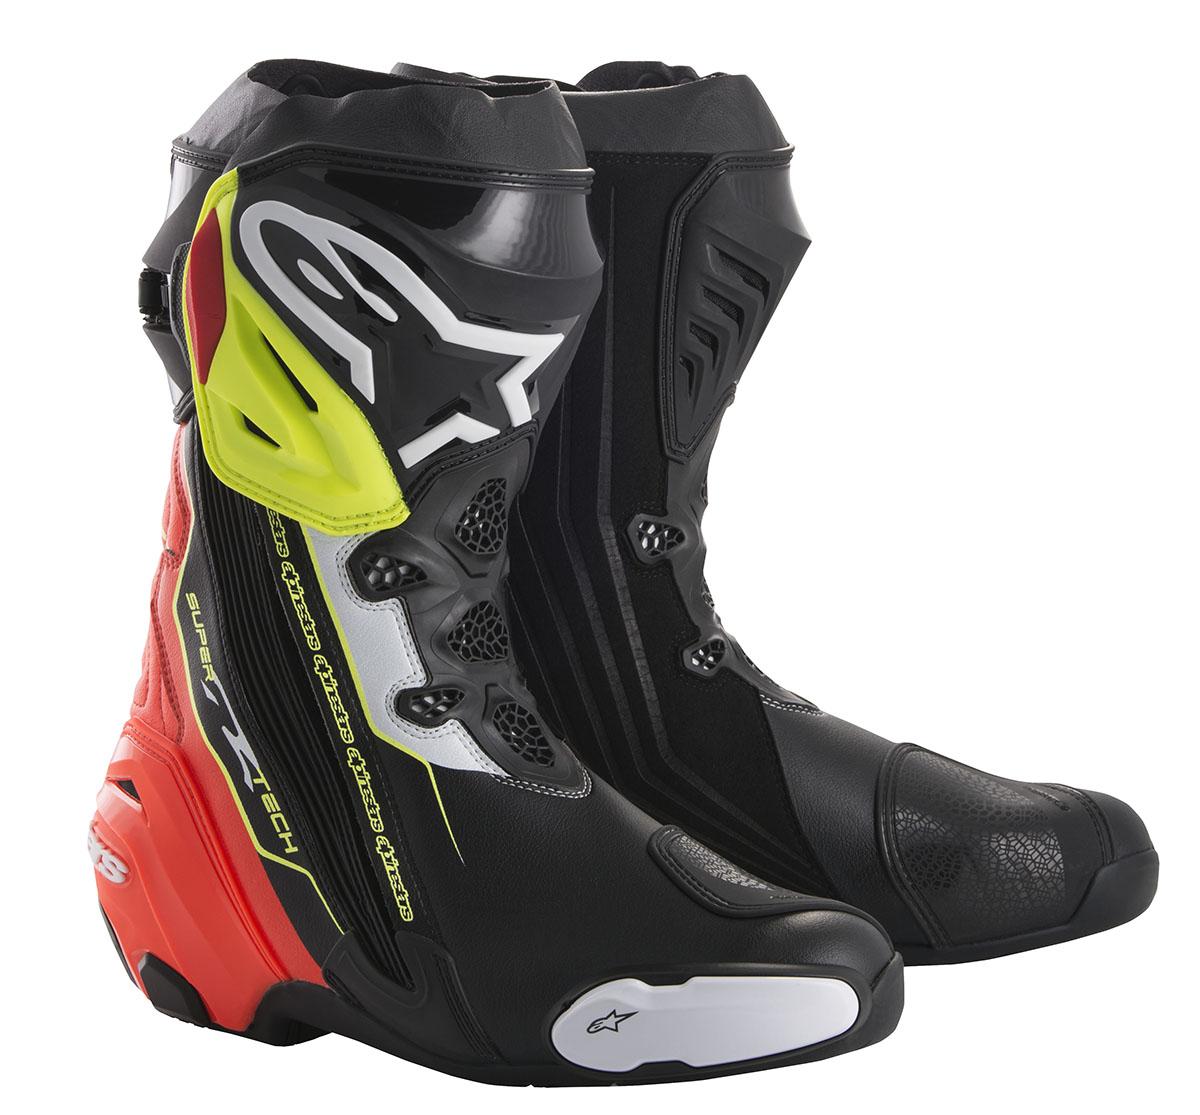 スーパーテックR ブーツ ブラック/レッド/イエローFLUO 42/26.5cm アルパインスターズ(alpinestars)